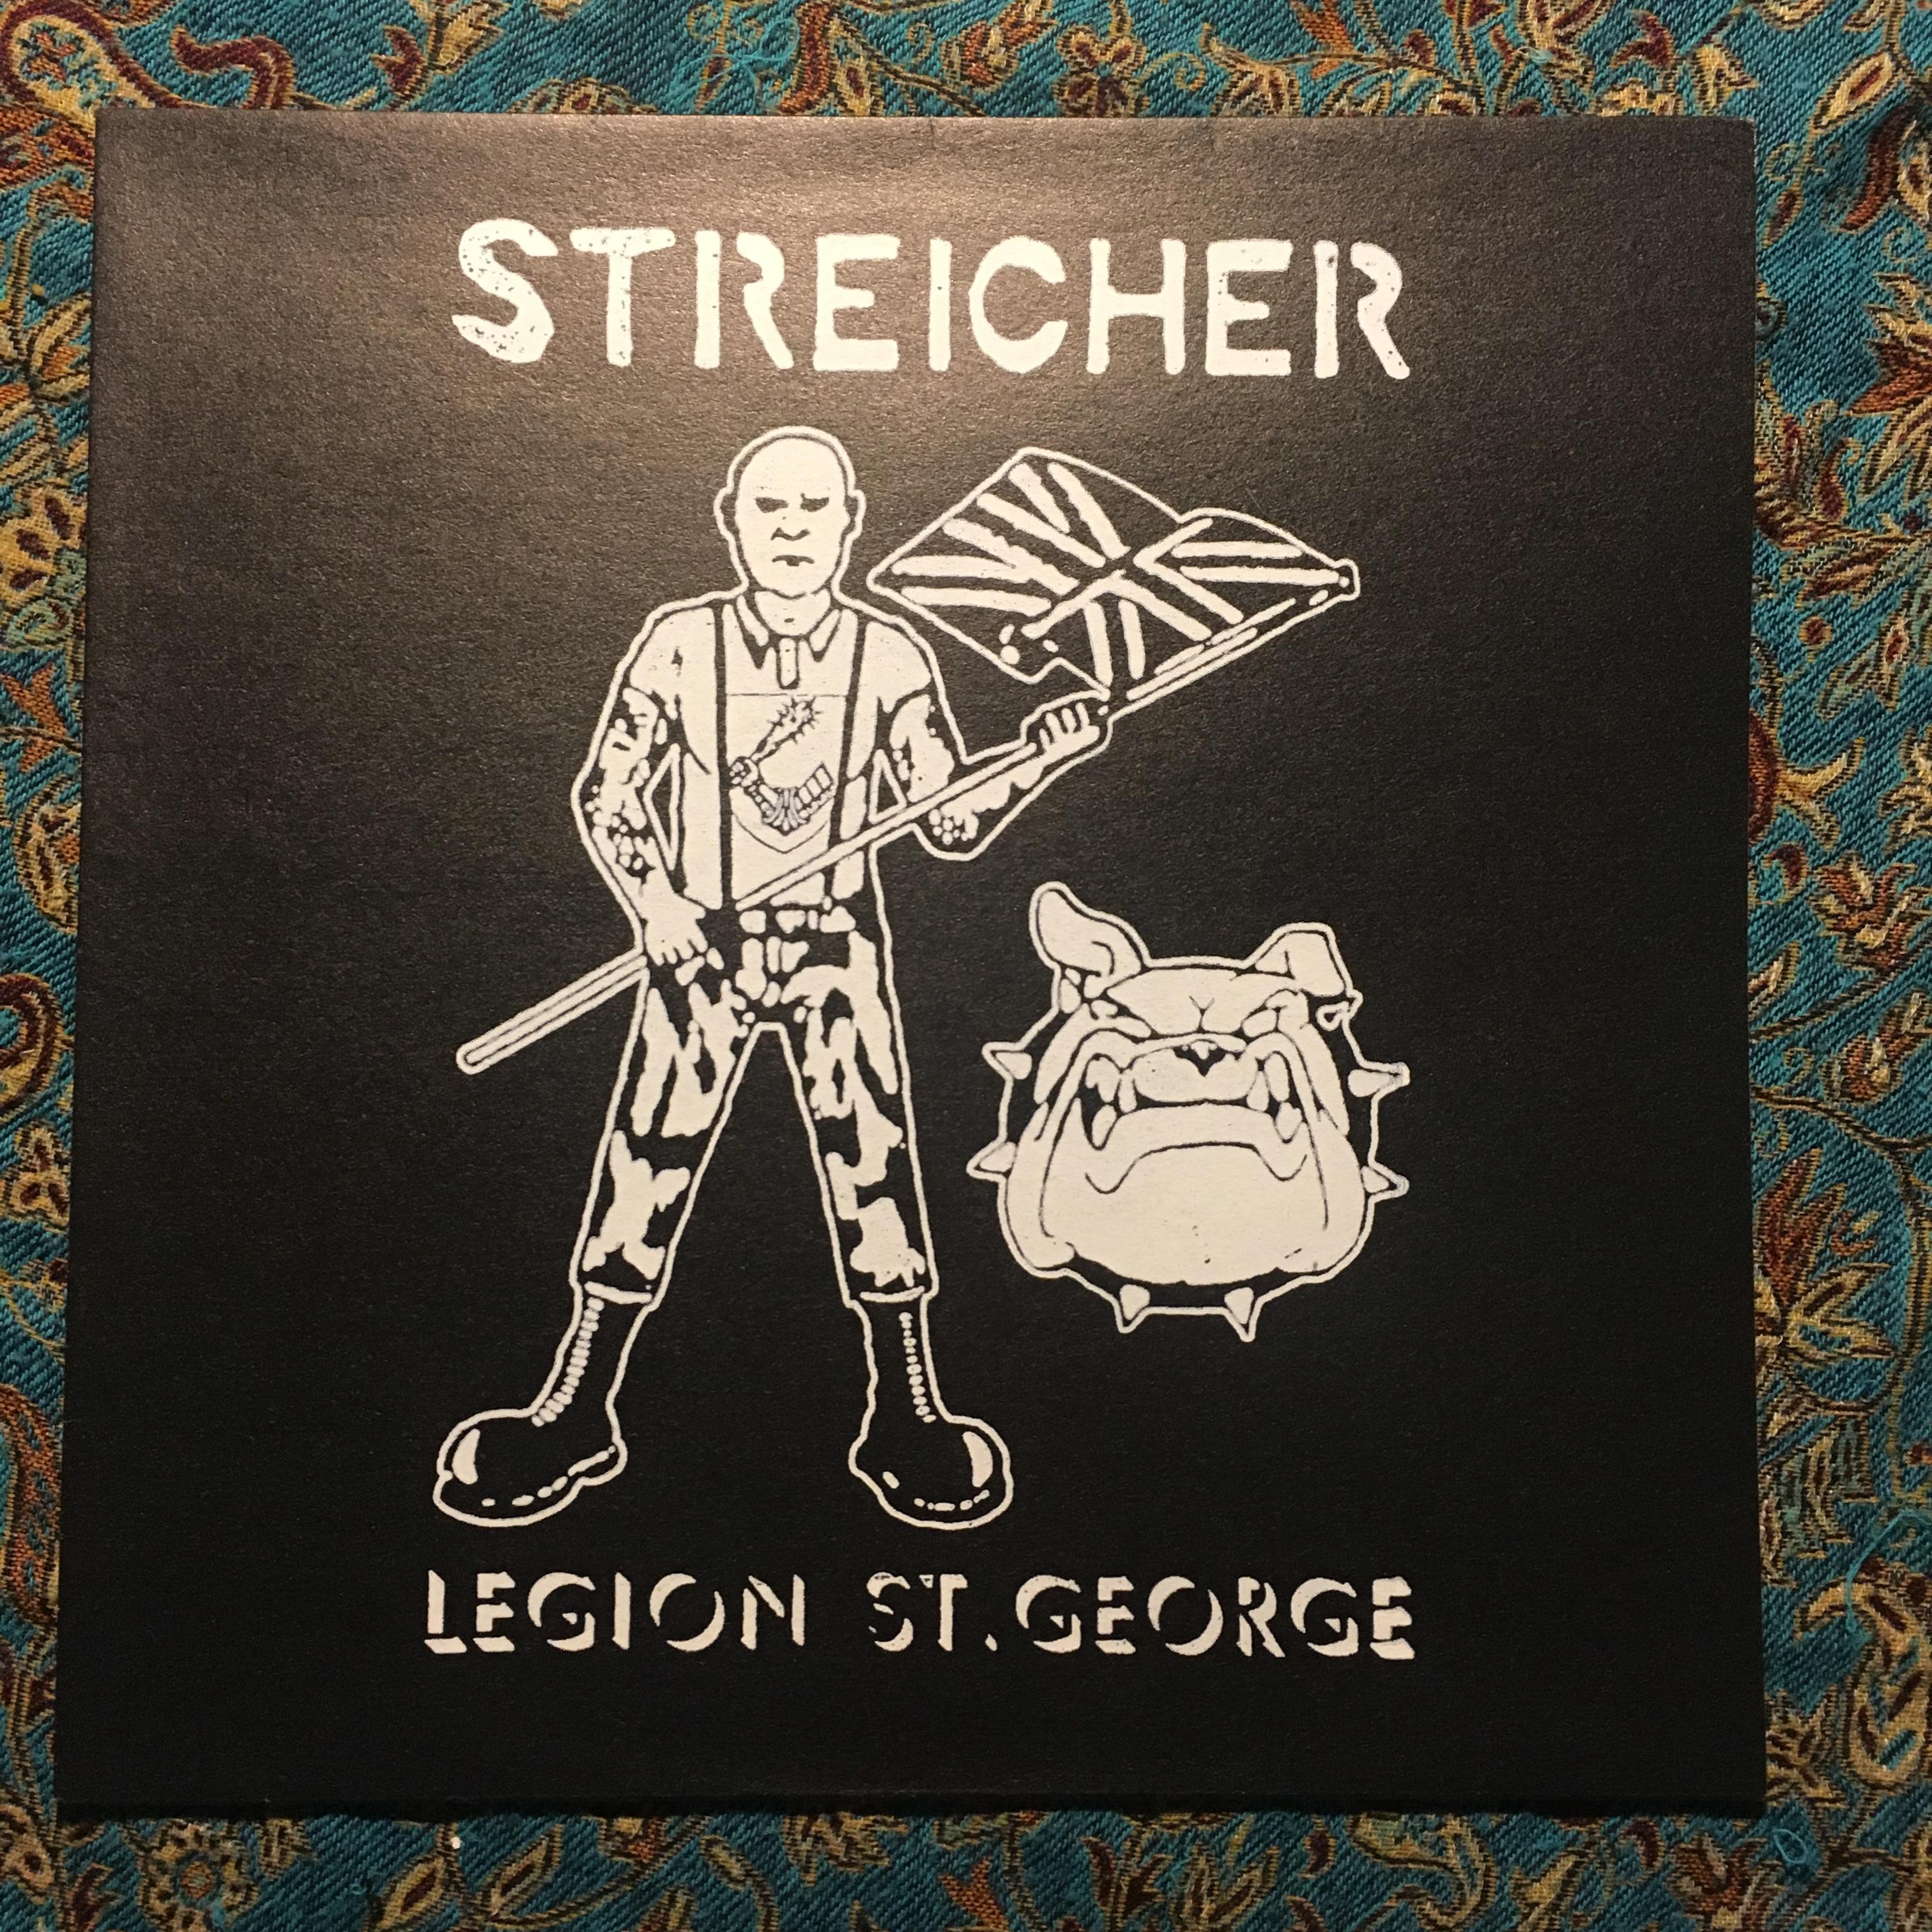 STREICHER – Legion St. George LP (VG+/NM)